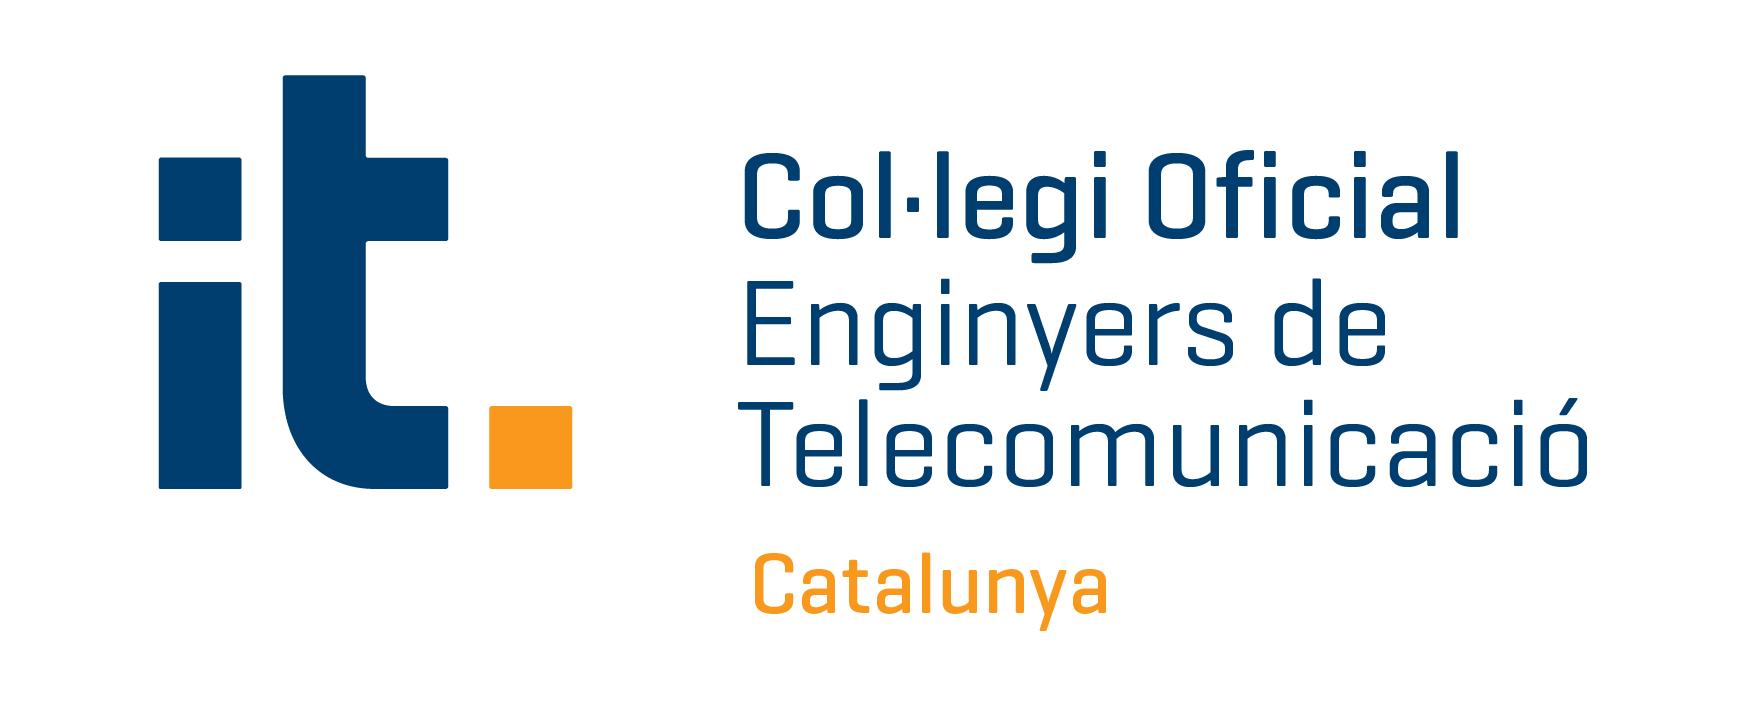 COETC - Col·legi Oficial d'enginyers Telecomunicació. Catalunya